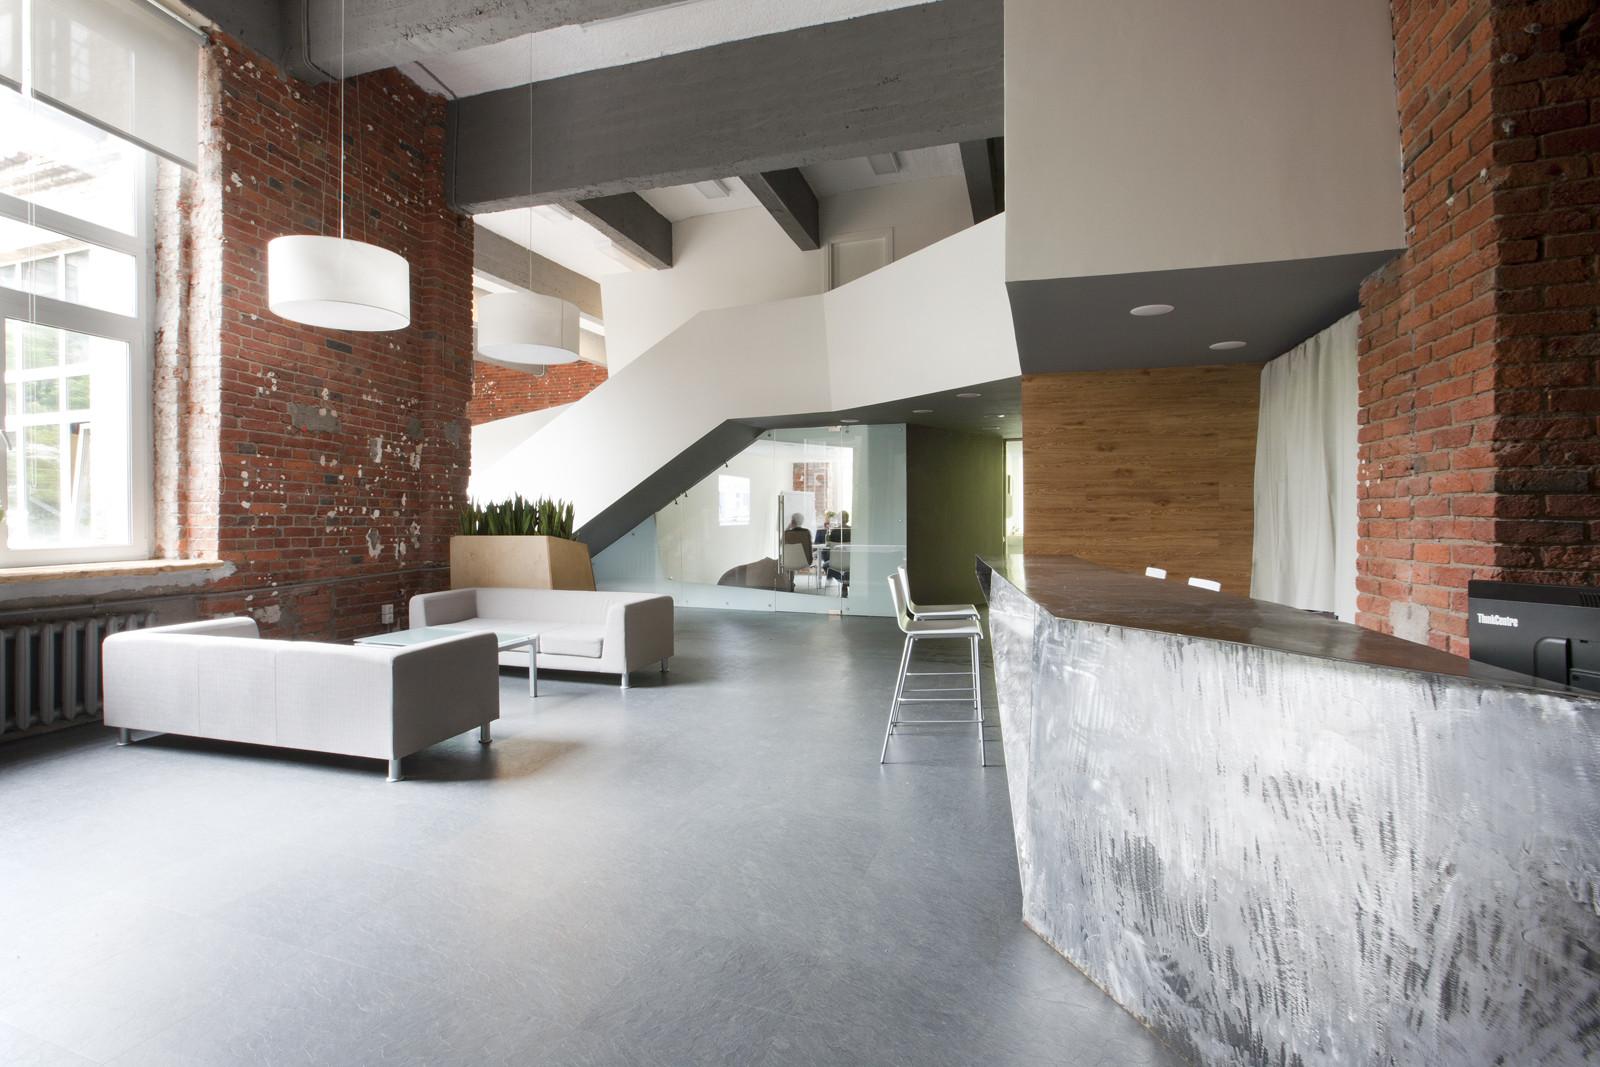 Office of the brand agency Svoyo mneniye / za bor Architects, Courtesy of za bor Architects